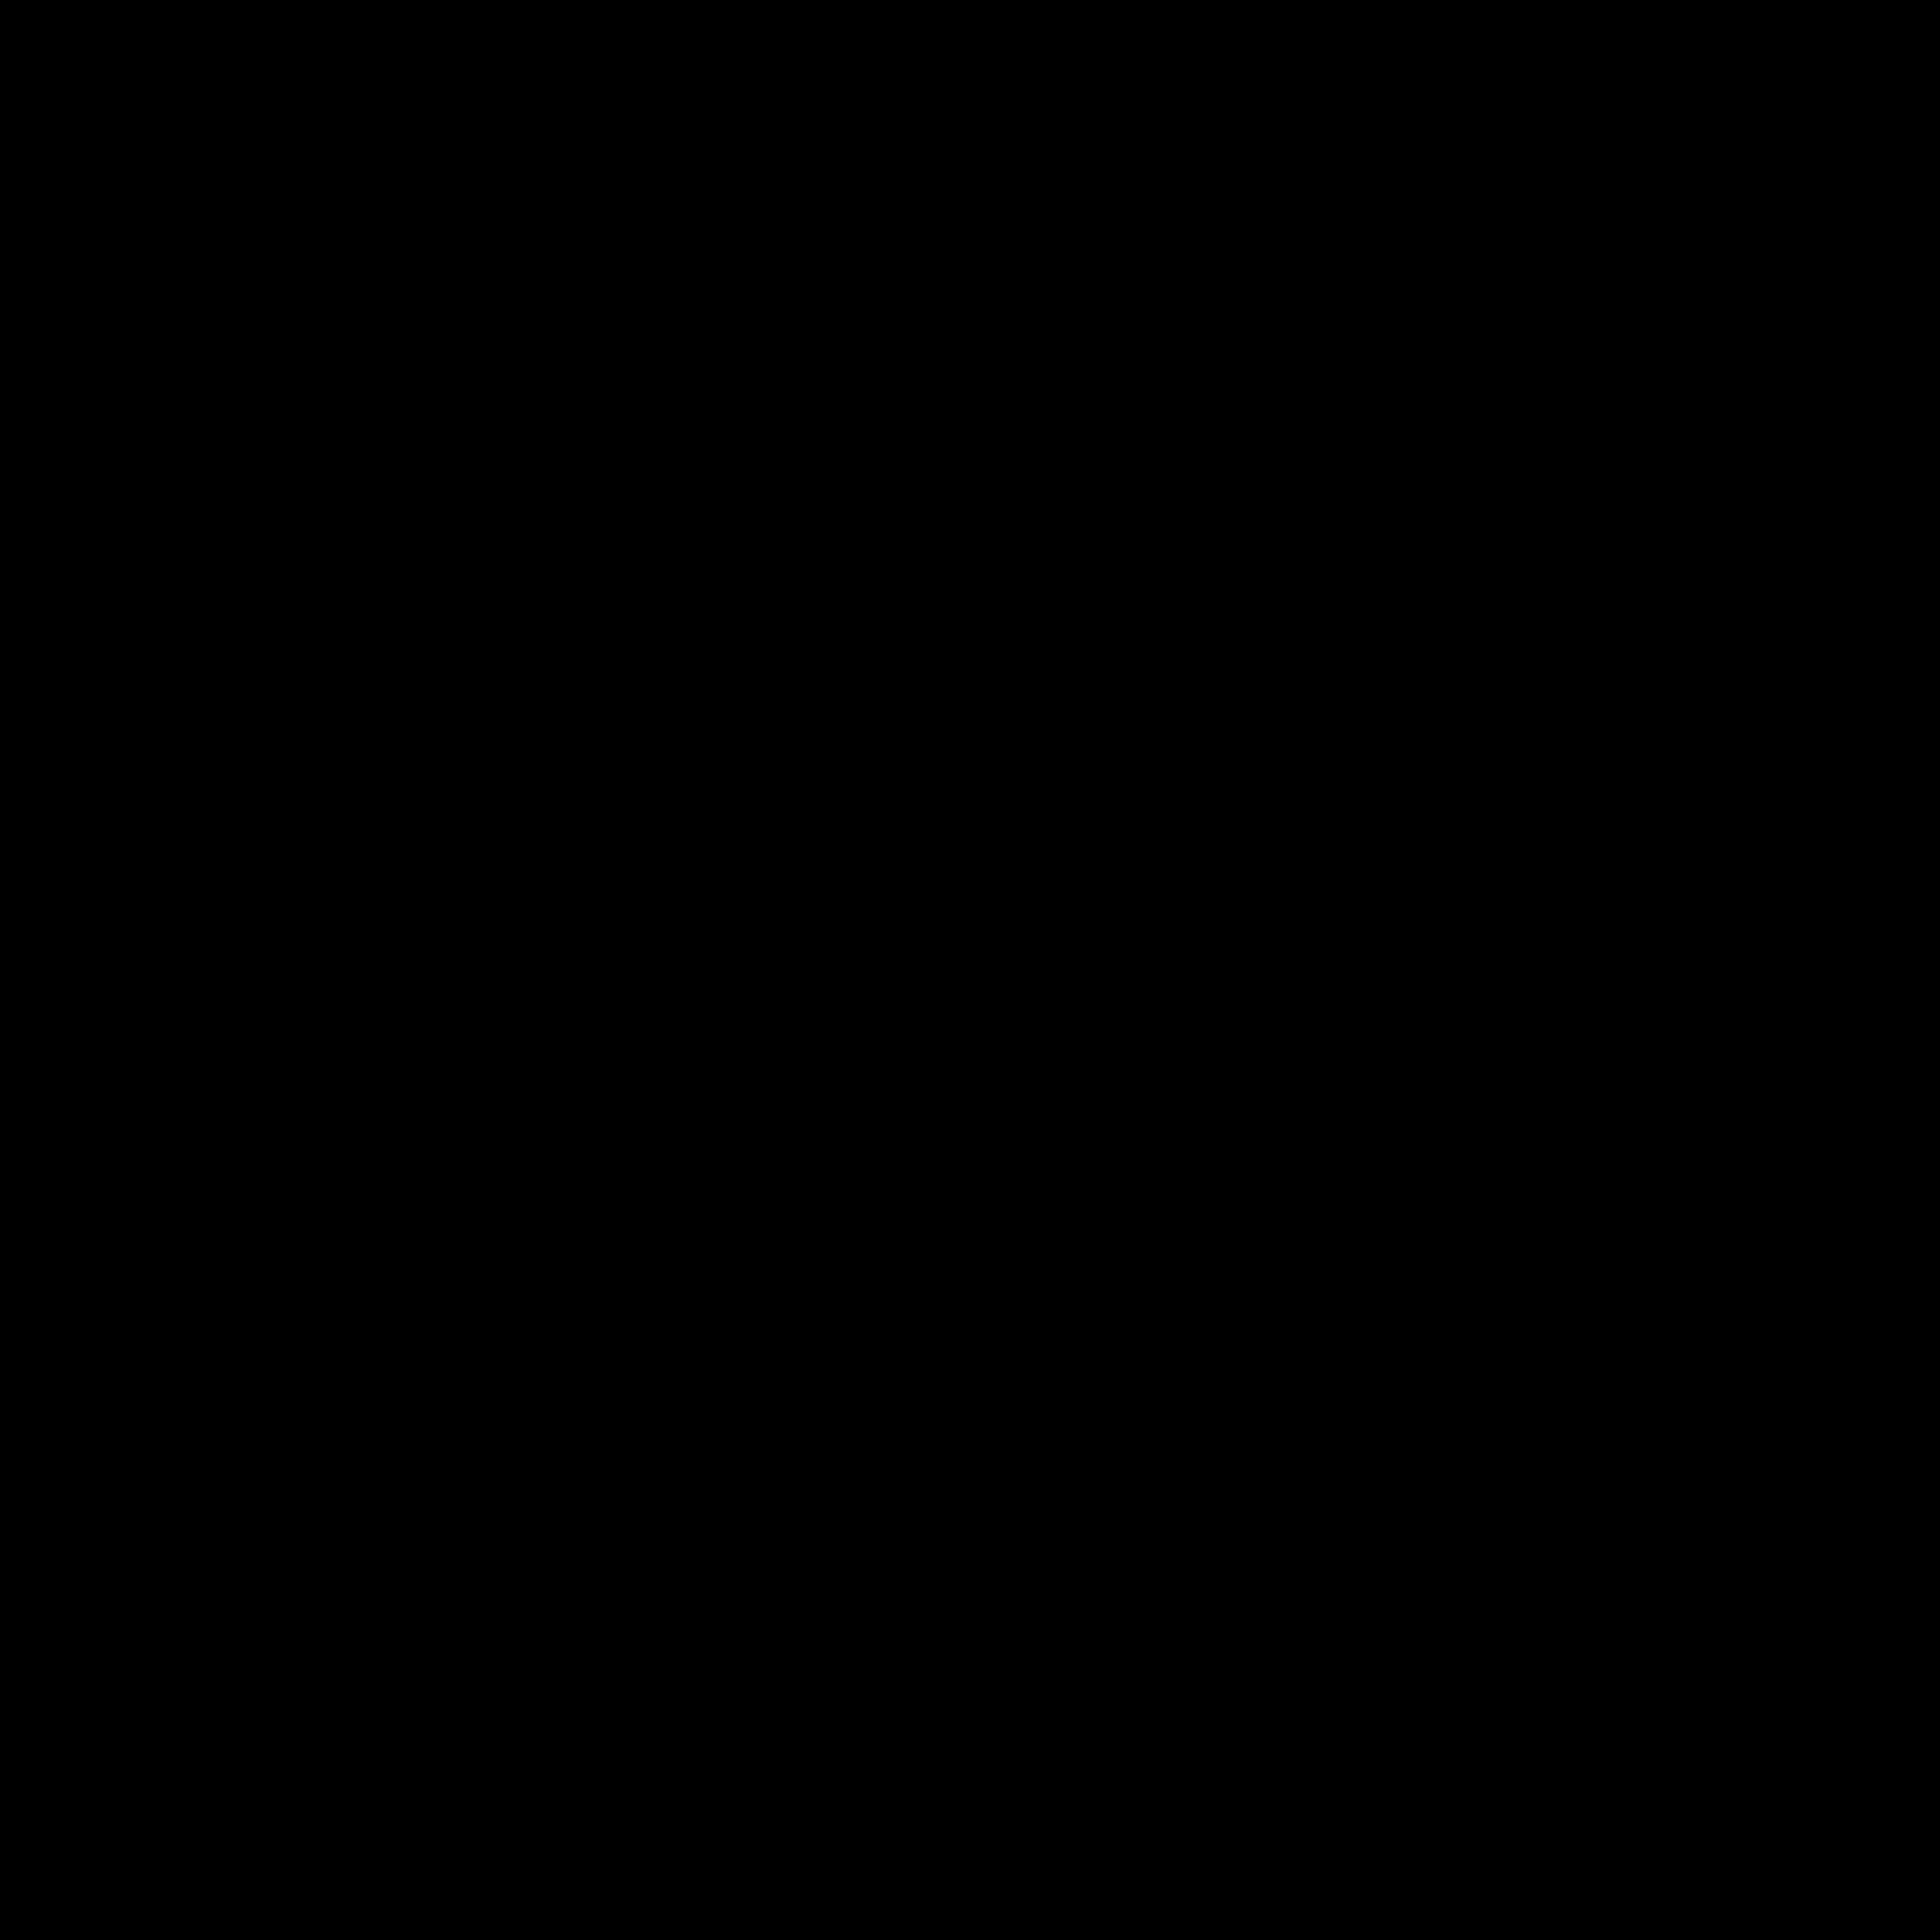 clipart black and white stock World religious symbols silhouette. Religion clipart bill right